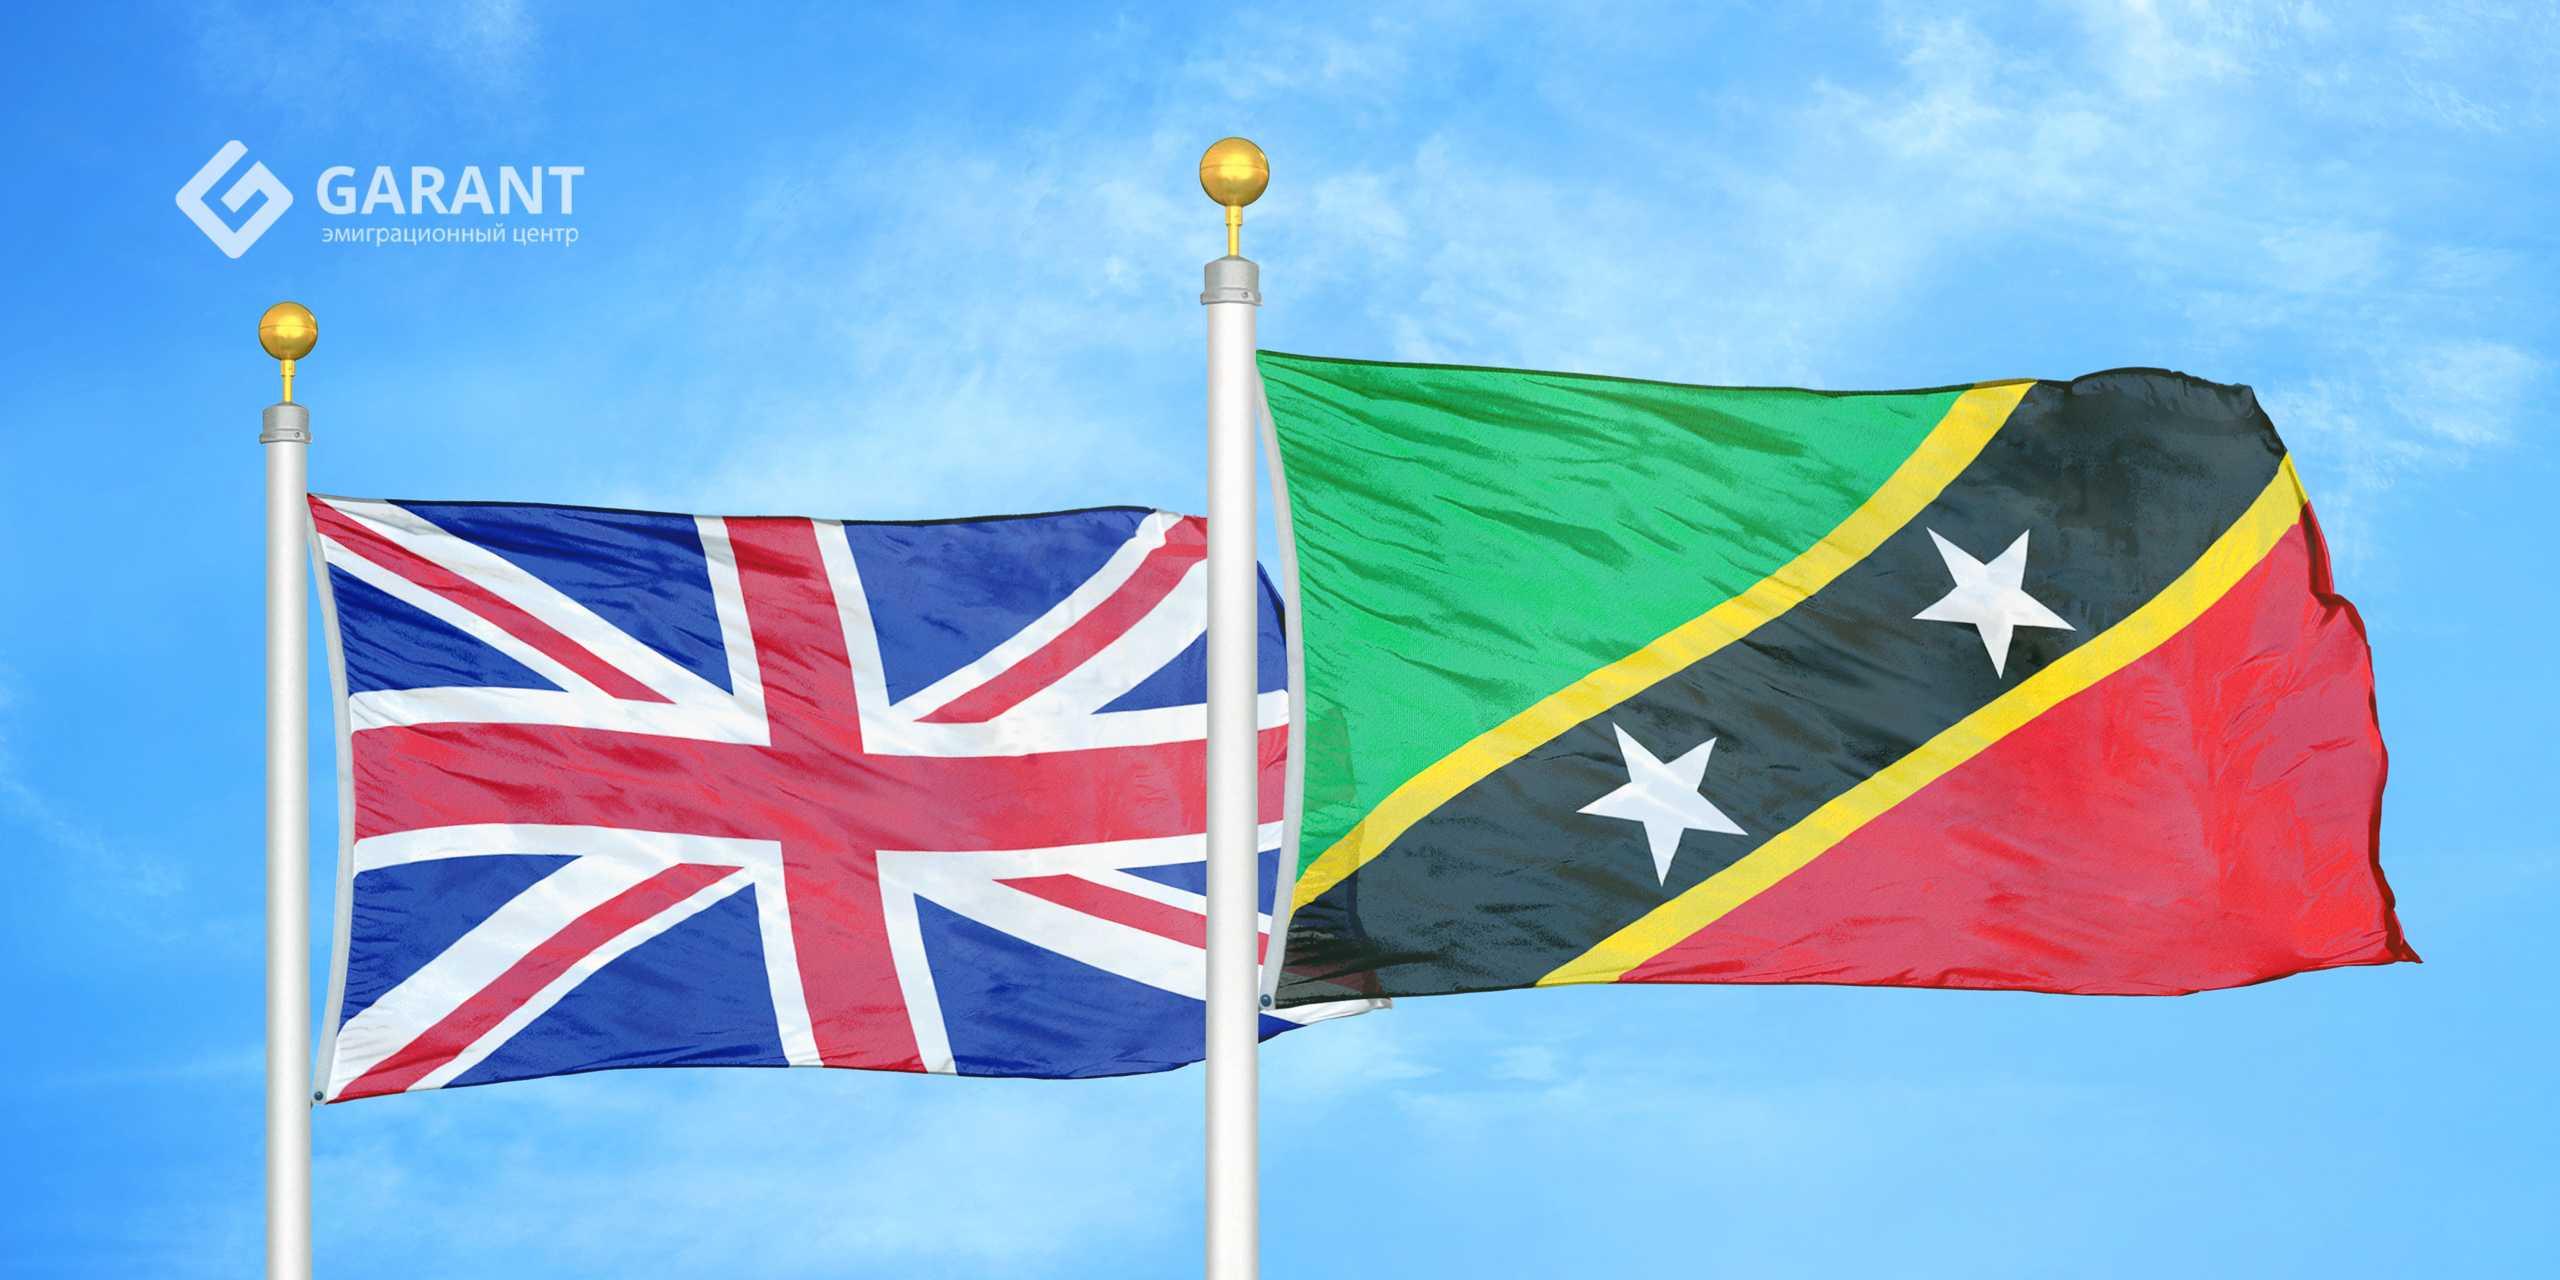 Паспорт Сент-Китс и Невис = безвизовые путешествия по Шенгенской зоне и Великобритании